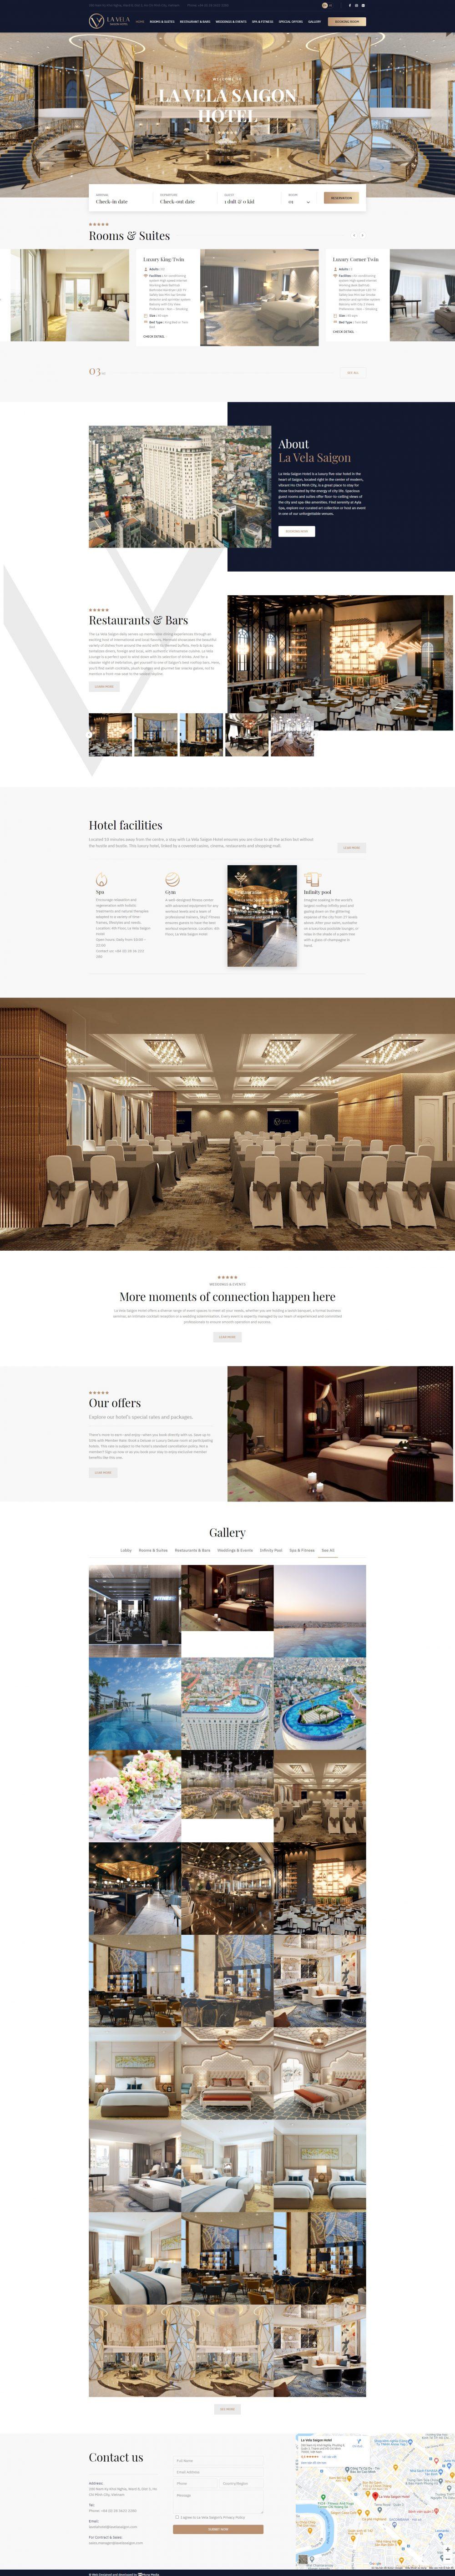 La Vela Saigon – Khách sạn 5 sao